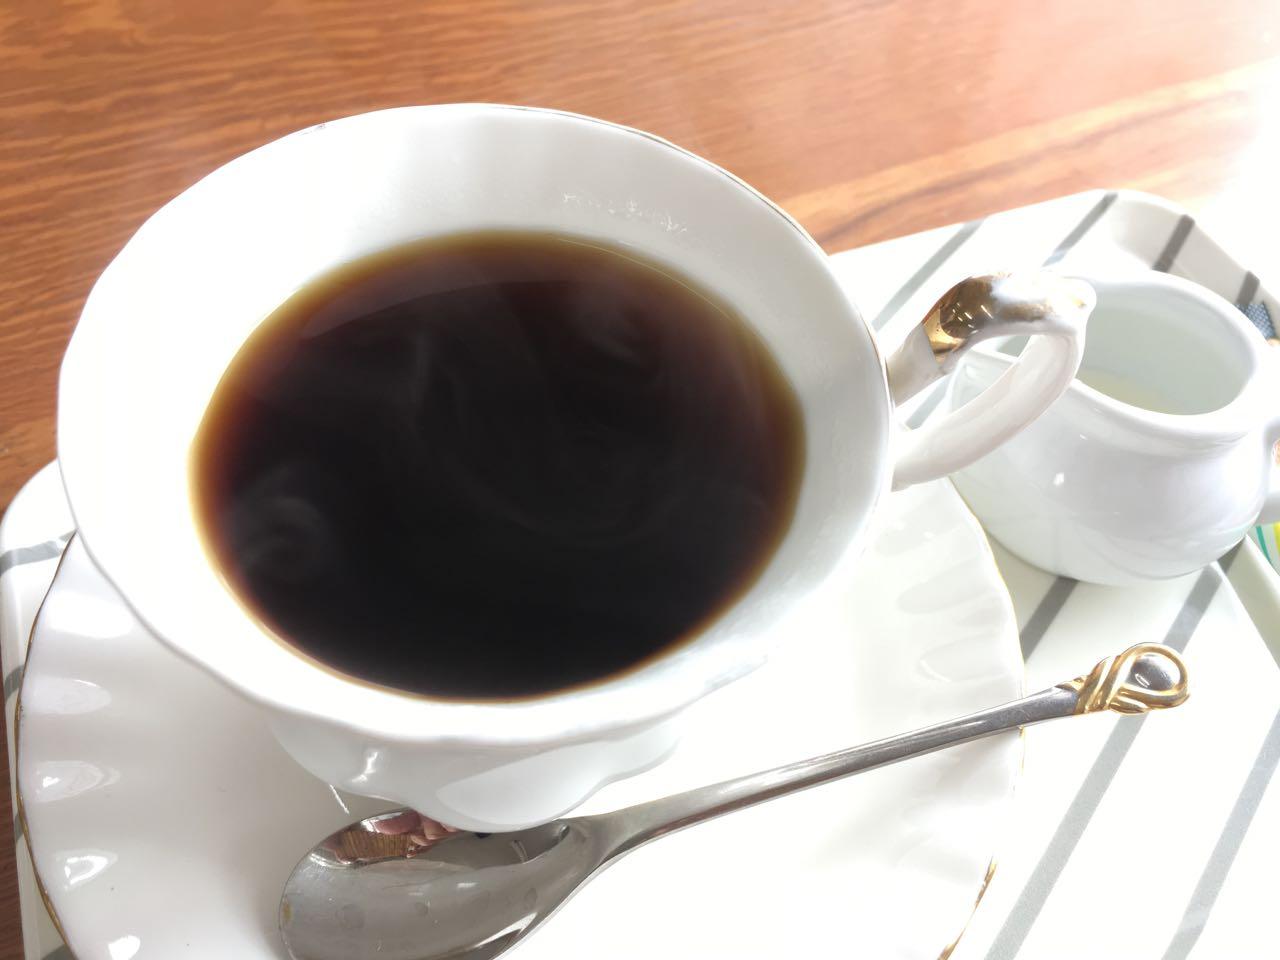 みとん今治,国分,時計台,珈琲,カフェ,喫茶店